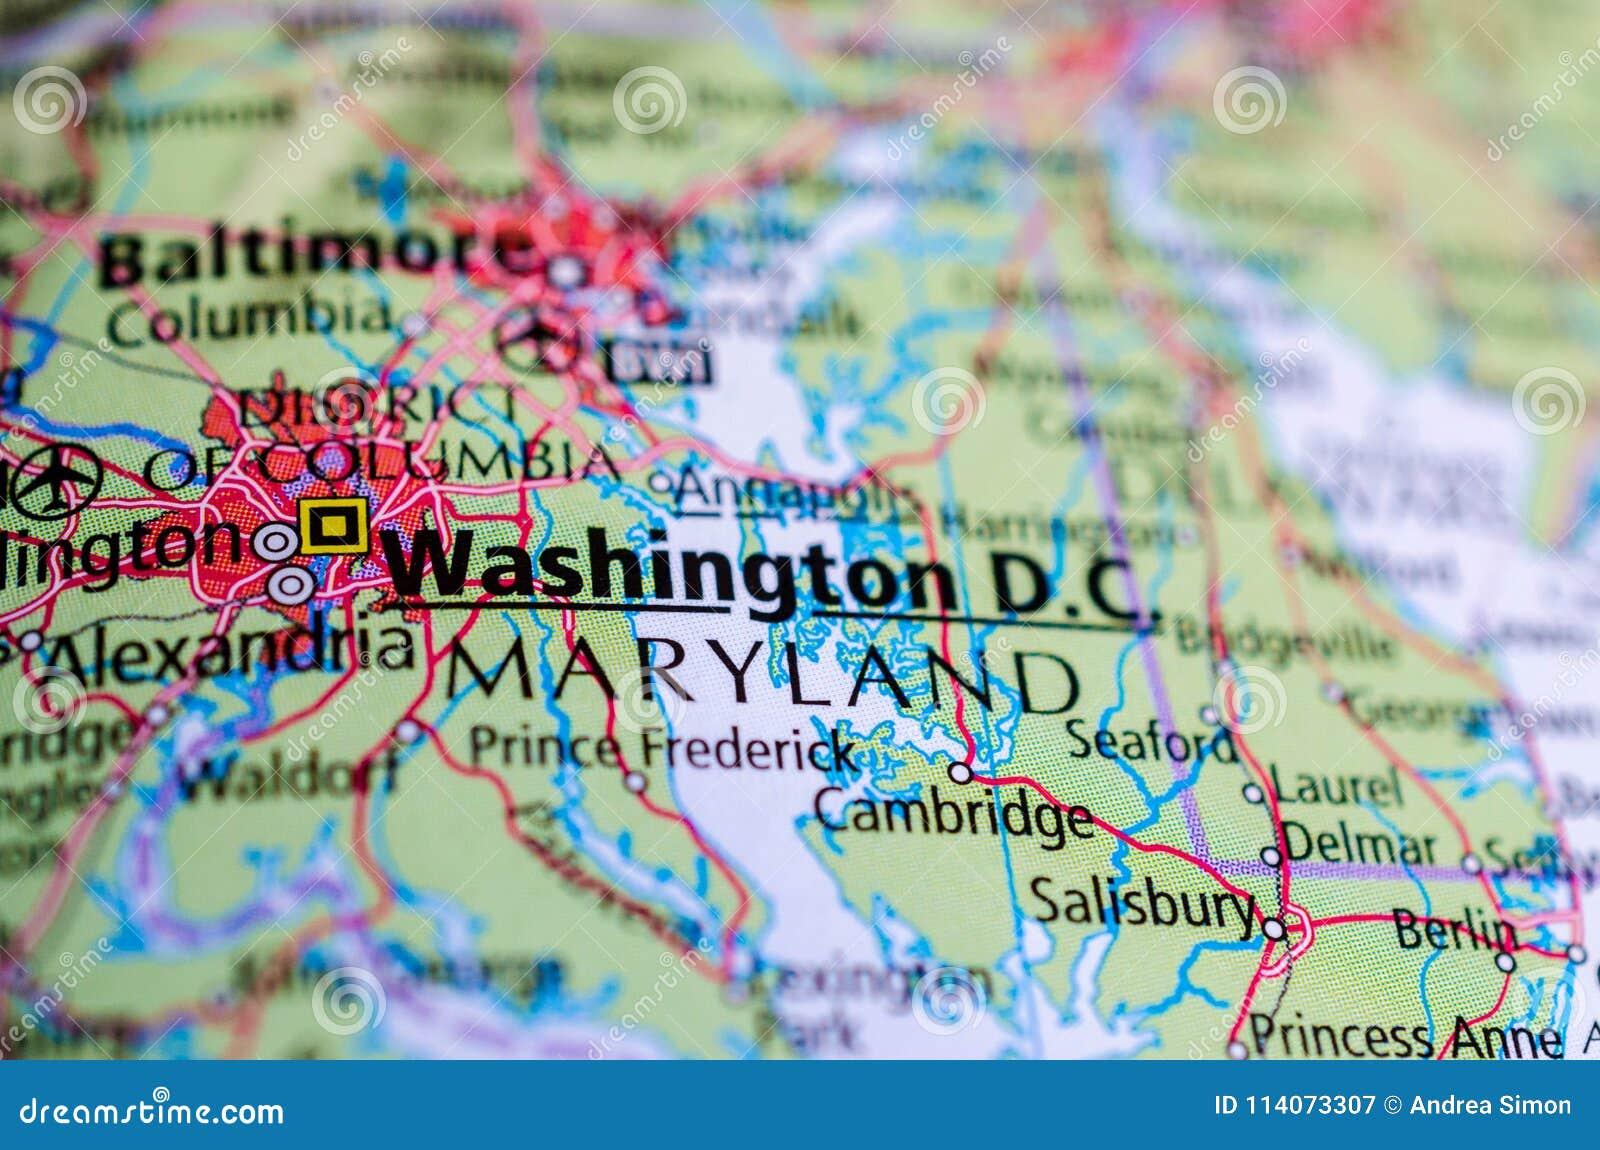 Washington D C On Map Stock Image Image Of Satelite 114073307